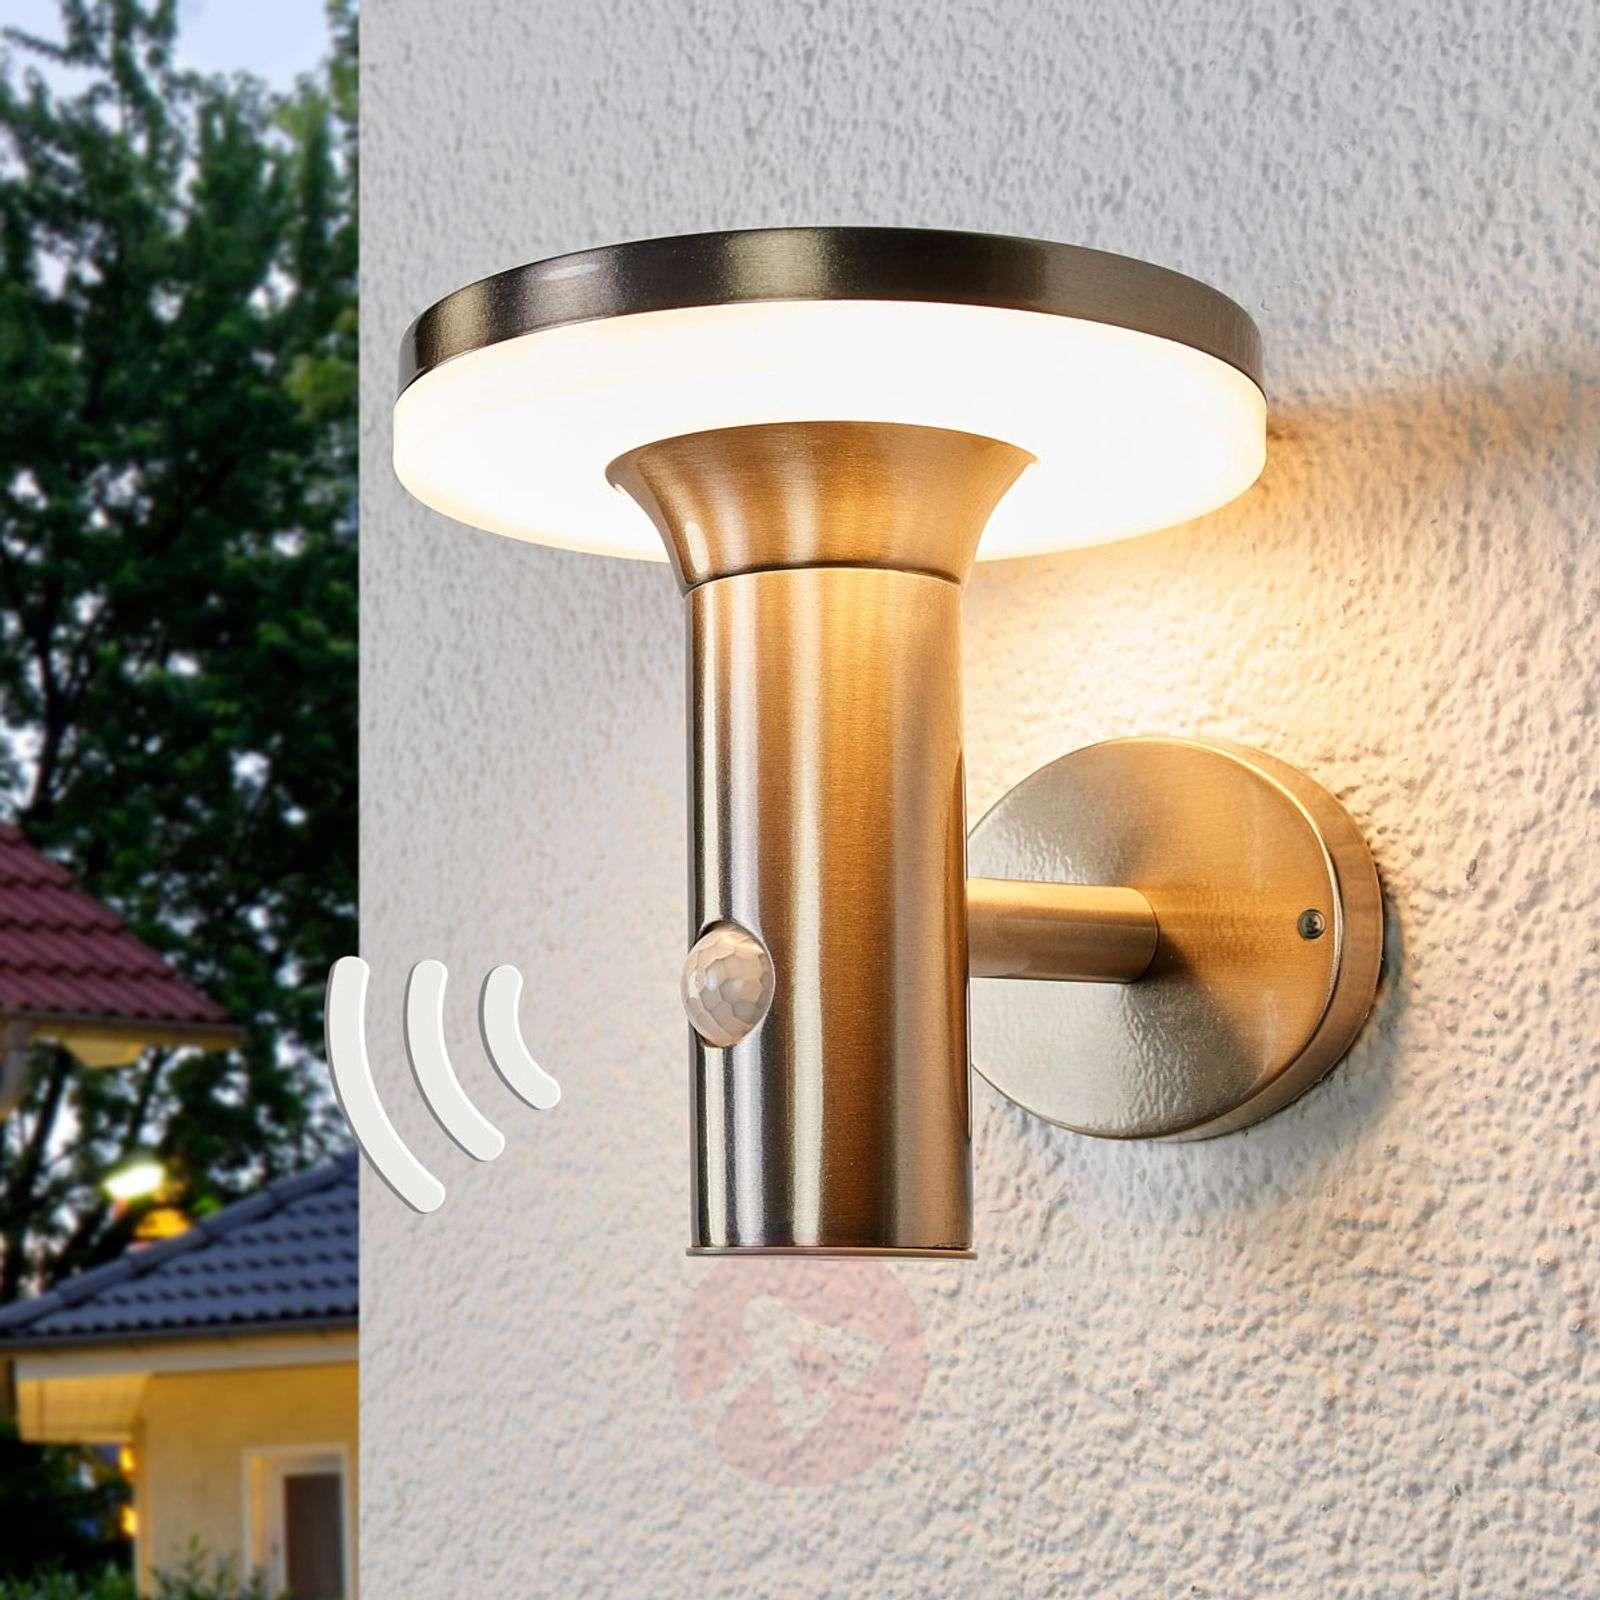 Aurinkokäyttöinen LED-lamppu Eliano liiketunnist.-9988180-01